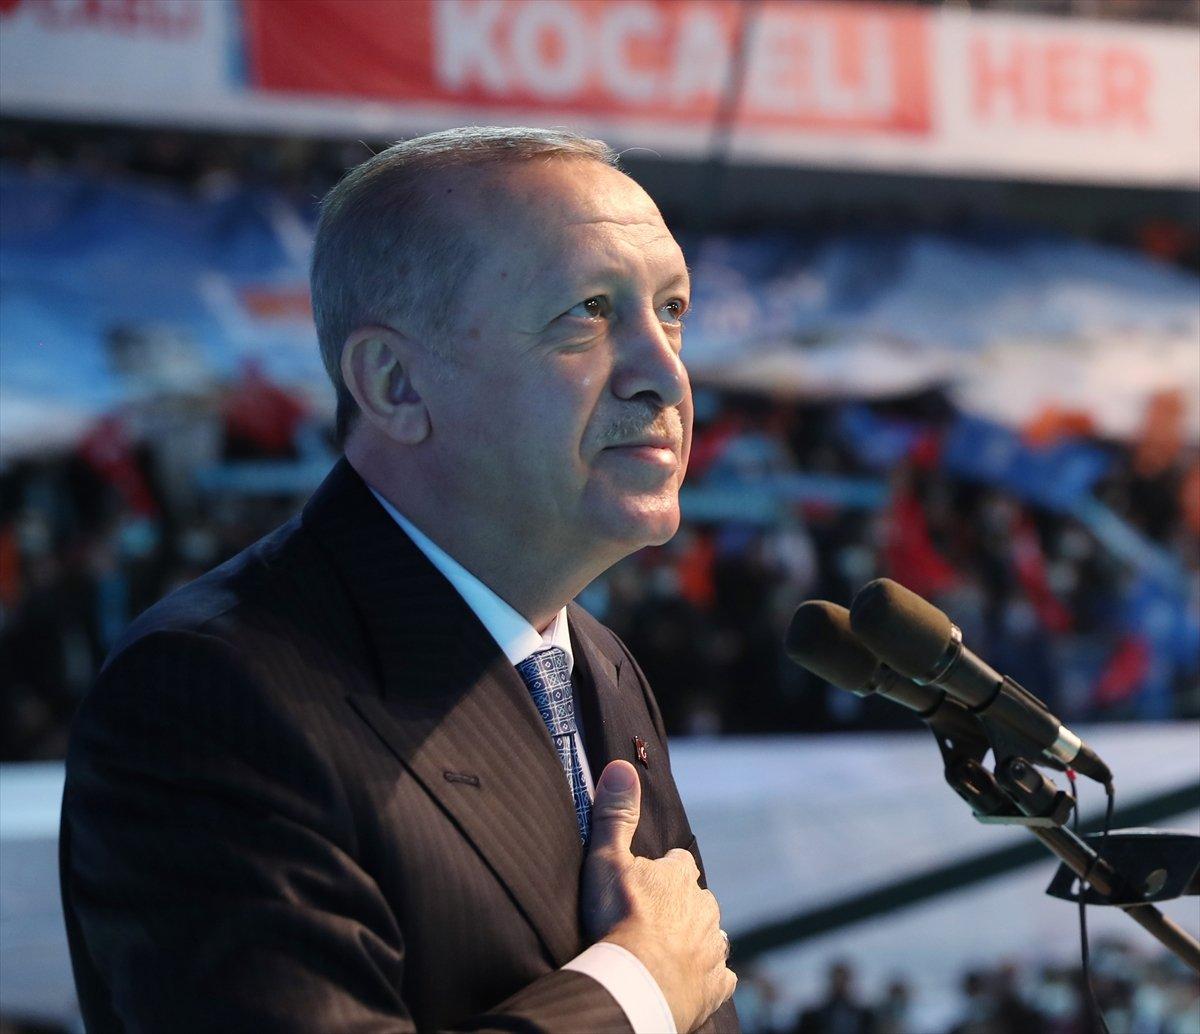 Cumhurbaşkanı Erdoğan: Sizler Asım ın neslisiniz #2